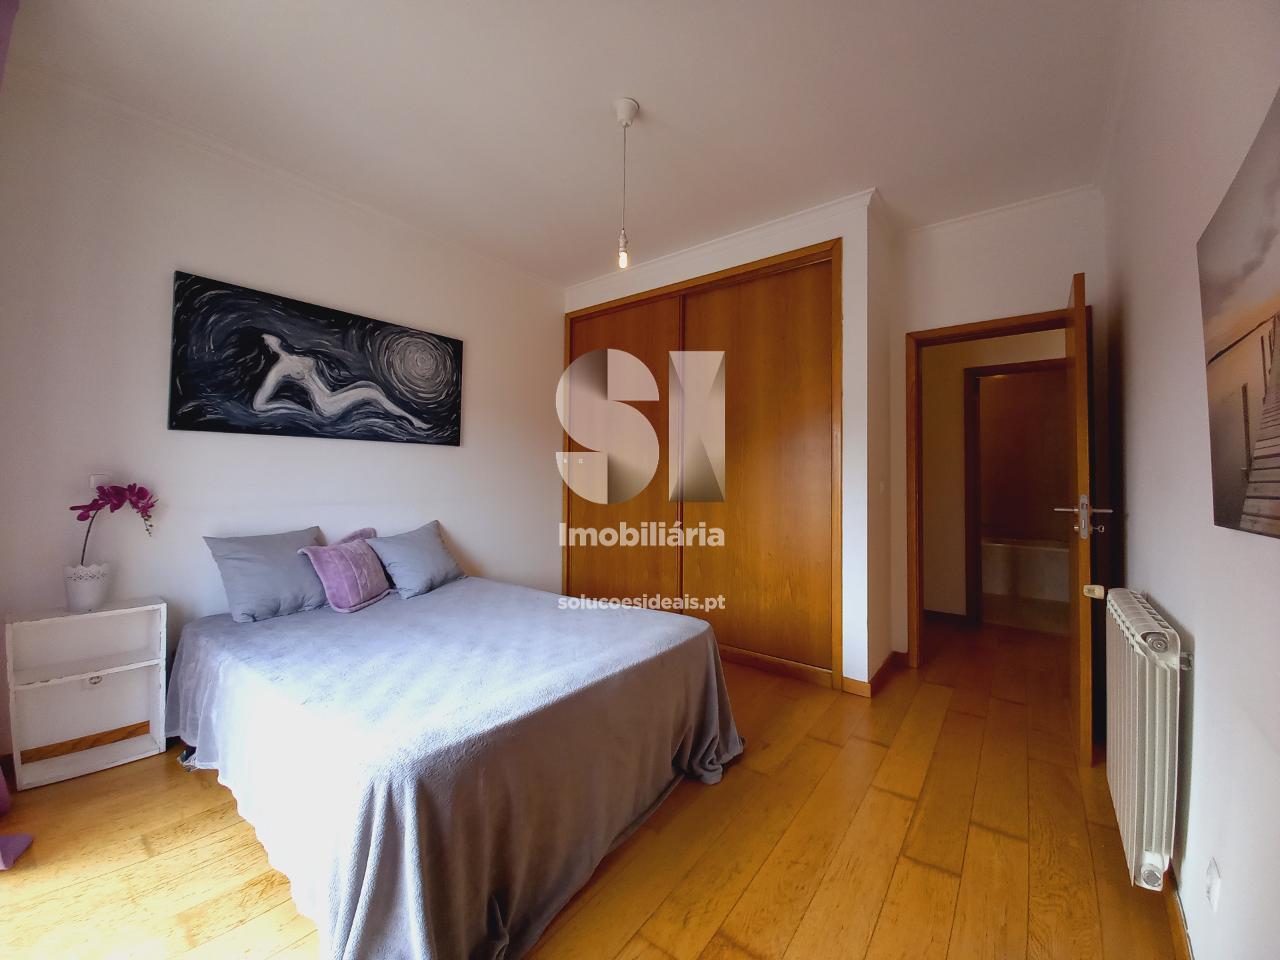 apartamento t23 para compra em coimbra uniao das freguesias de eiras e sao paulo de frades CPTLCD221